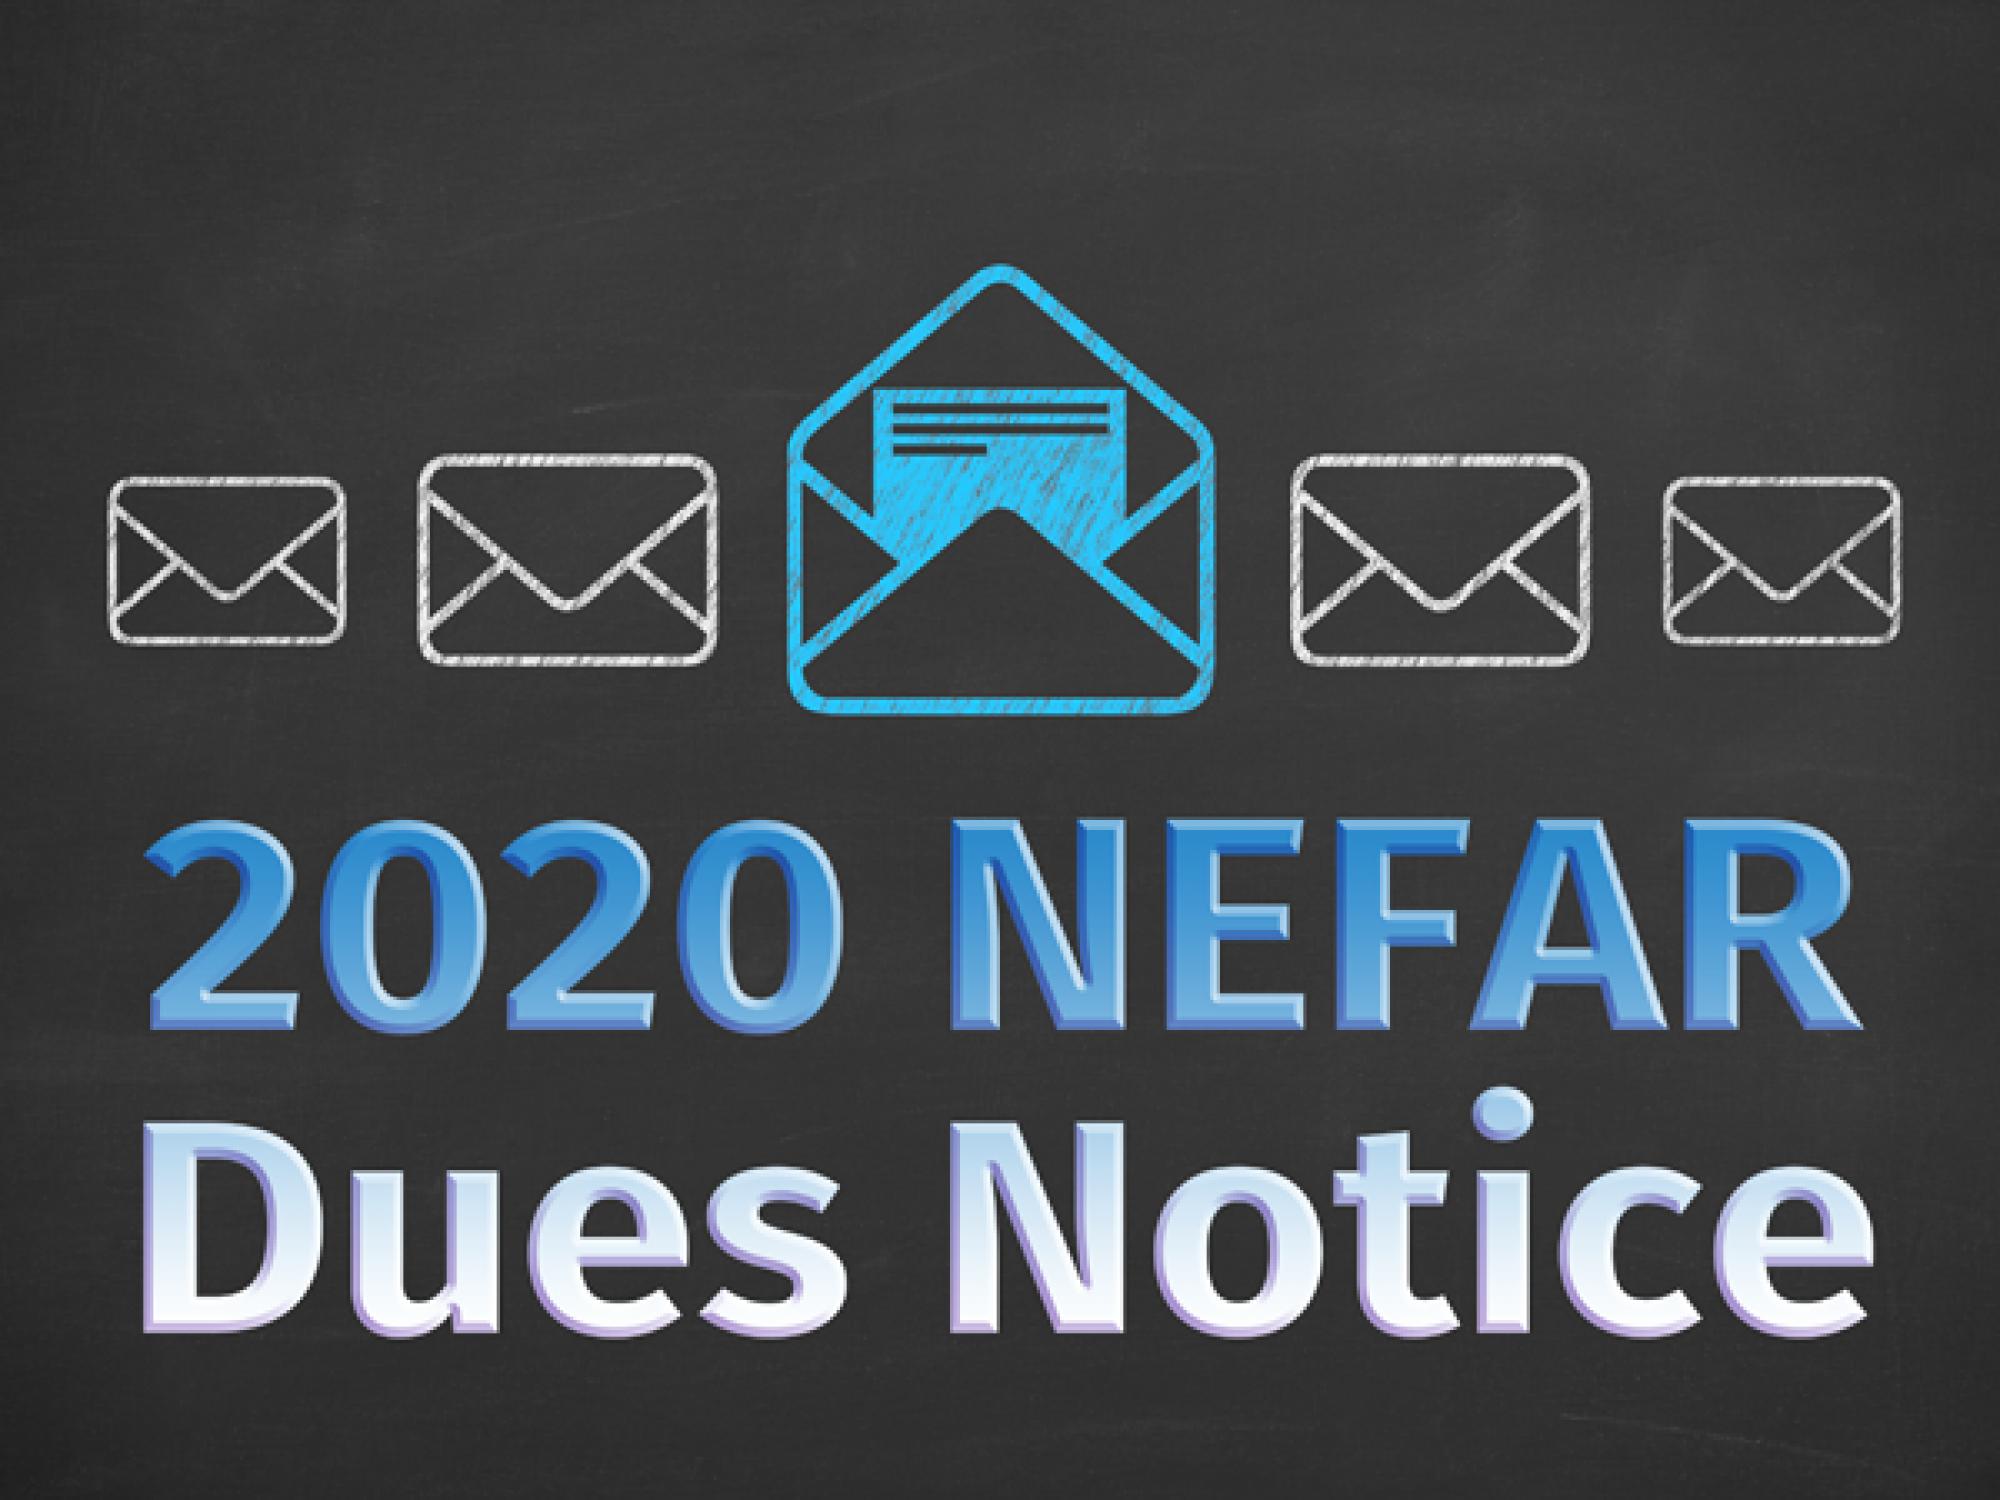 2020 NEFAR Dues Notice